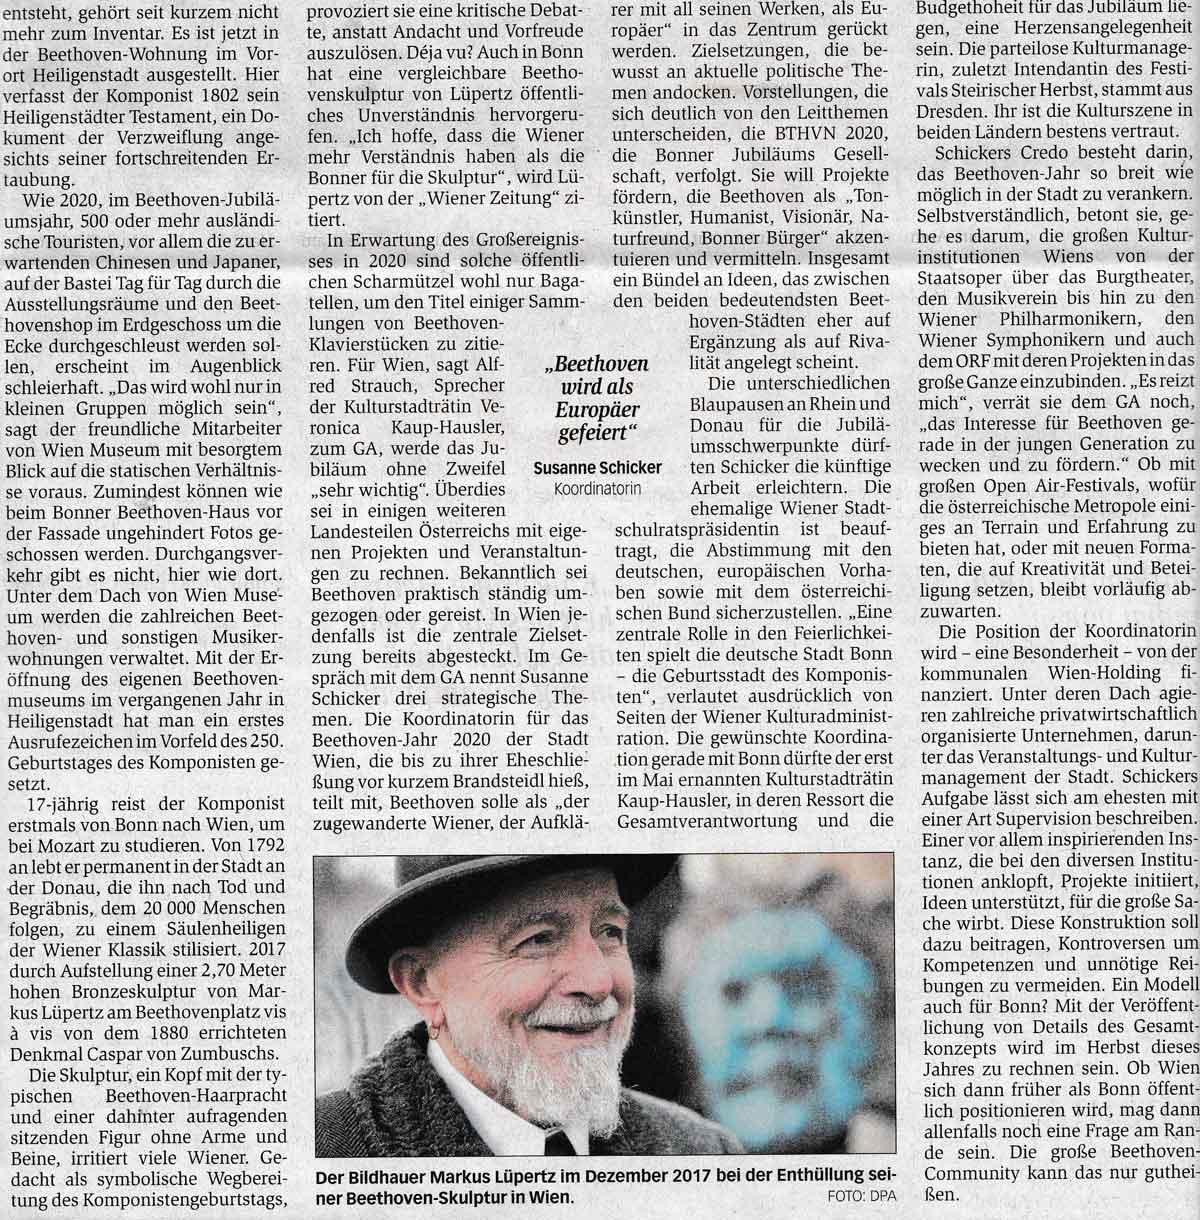 Ralf Siepmann_Bonn spielt eine zentrale Rolle - Wien und Beethoven_2 von 2_20180813_GA Bonn